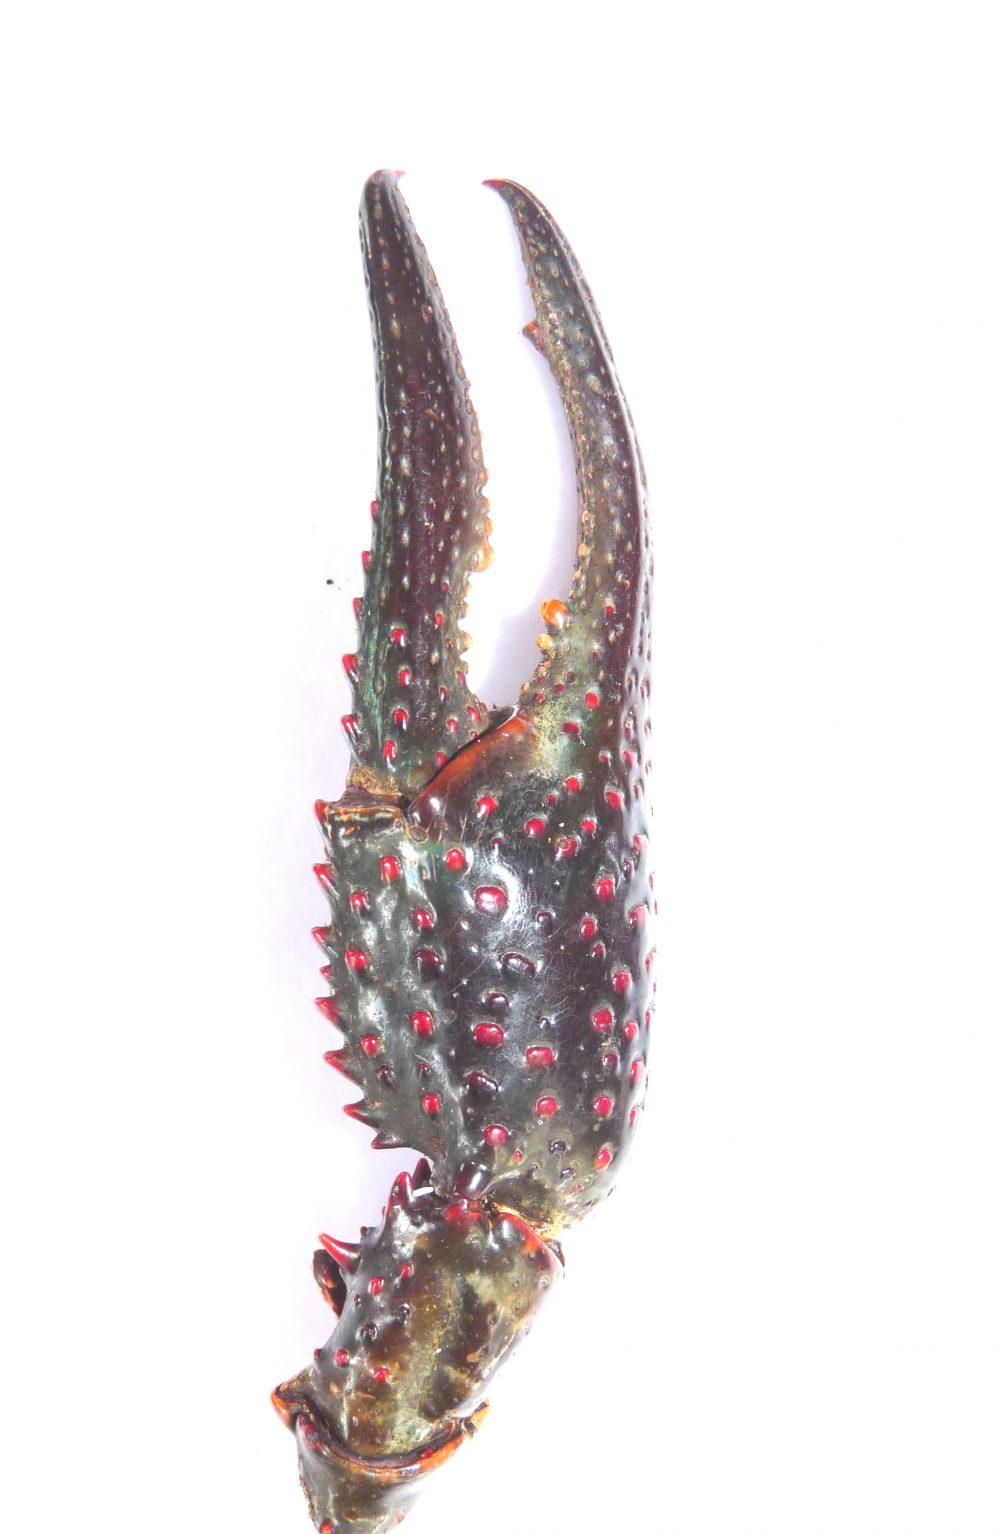 Procambarus clarkii- Pince - MARC COLLAS Onema